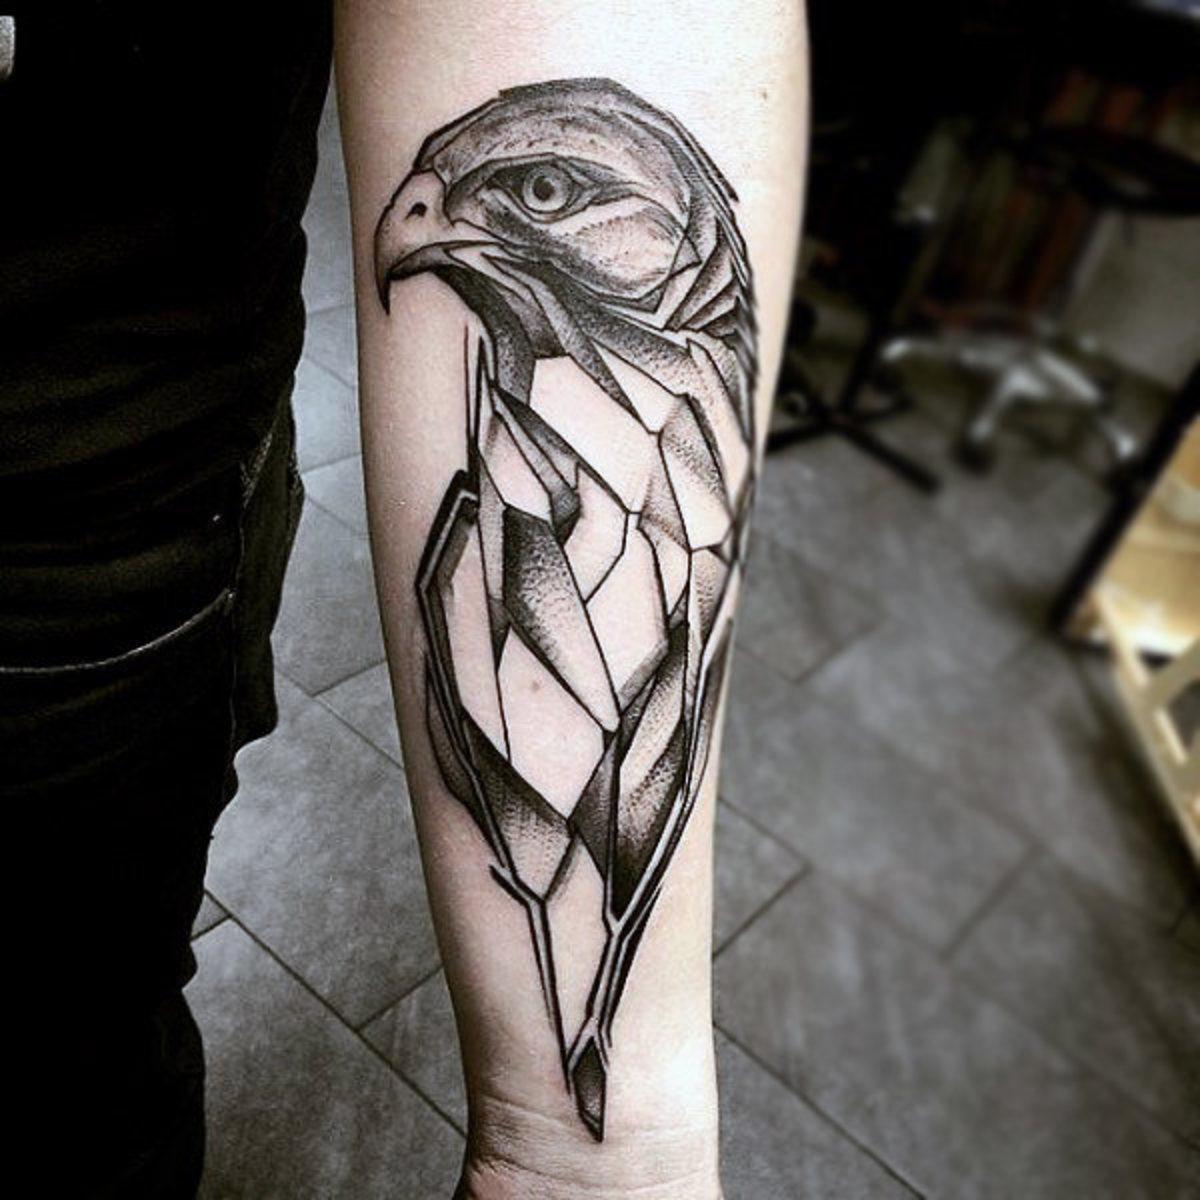 An arm tattoo of a bird of prey.